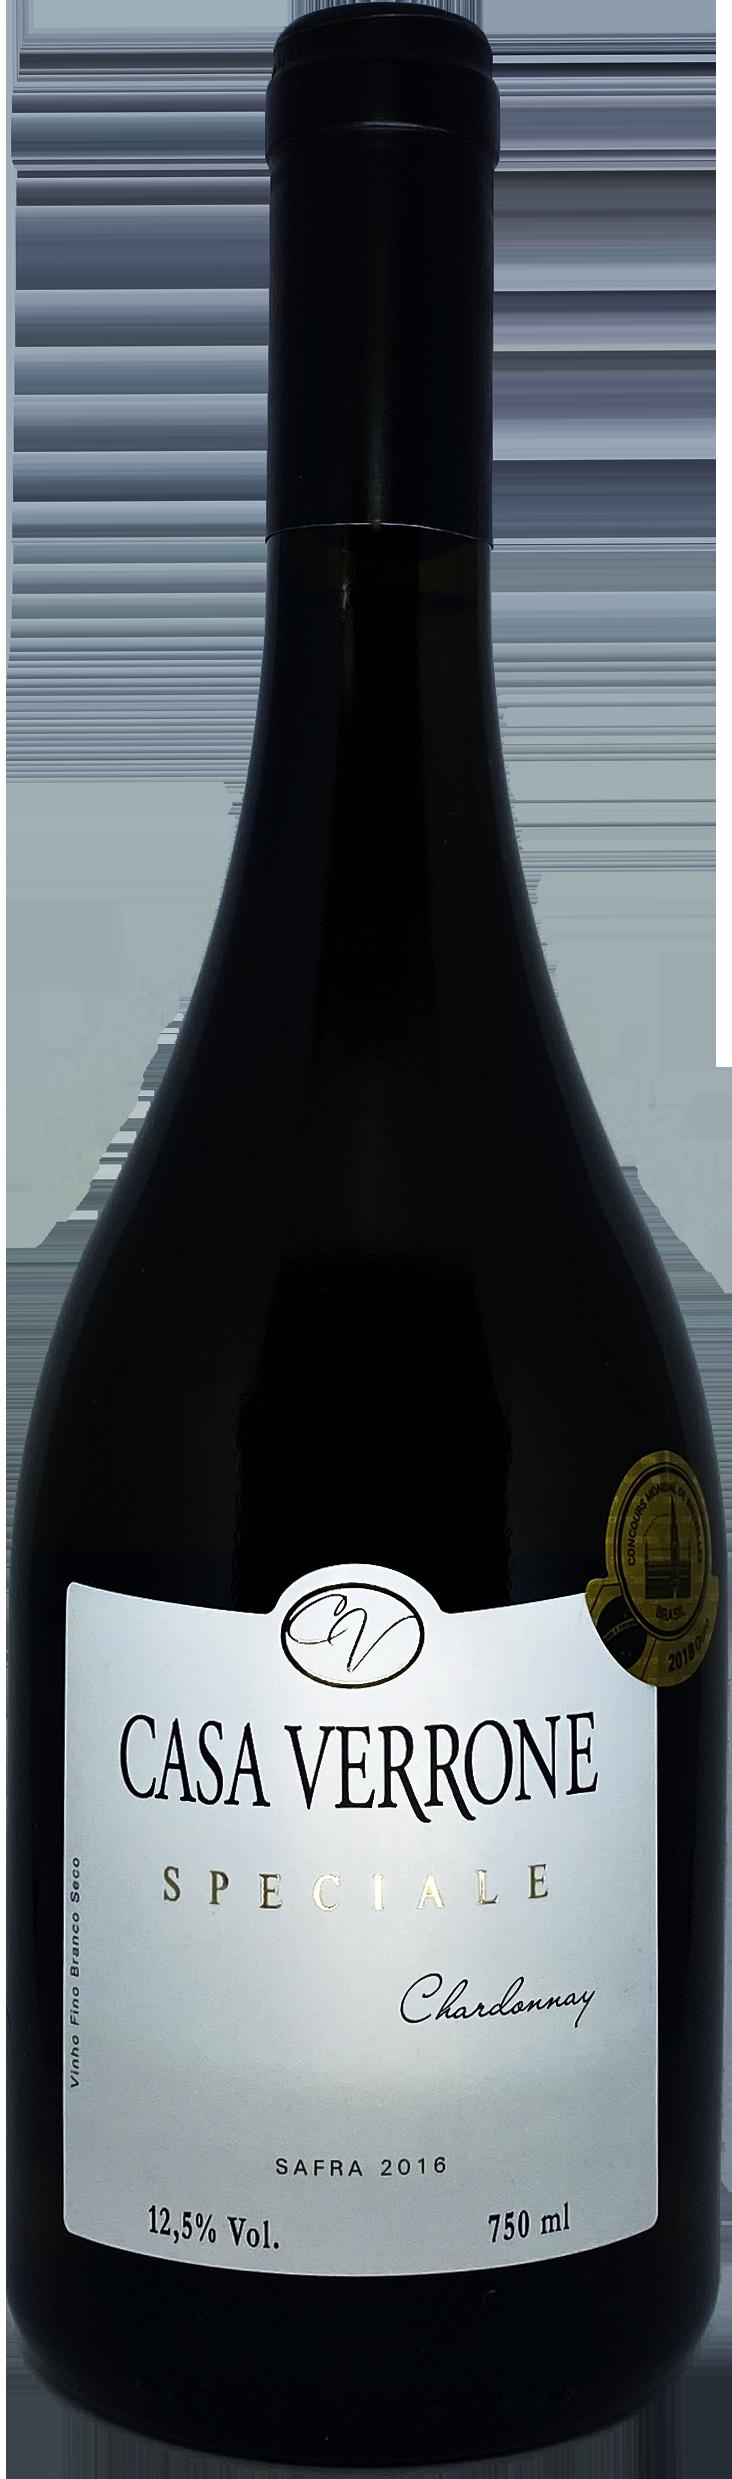 Casa Verrone Speciale Chardonnay